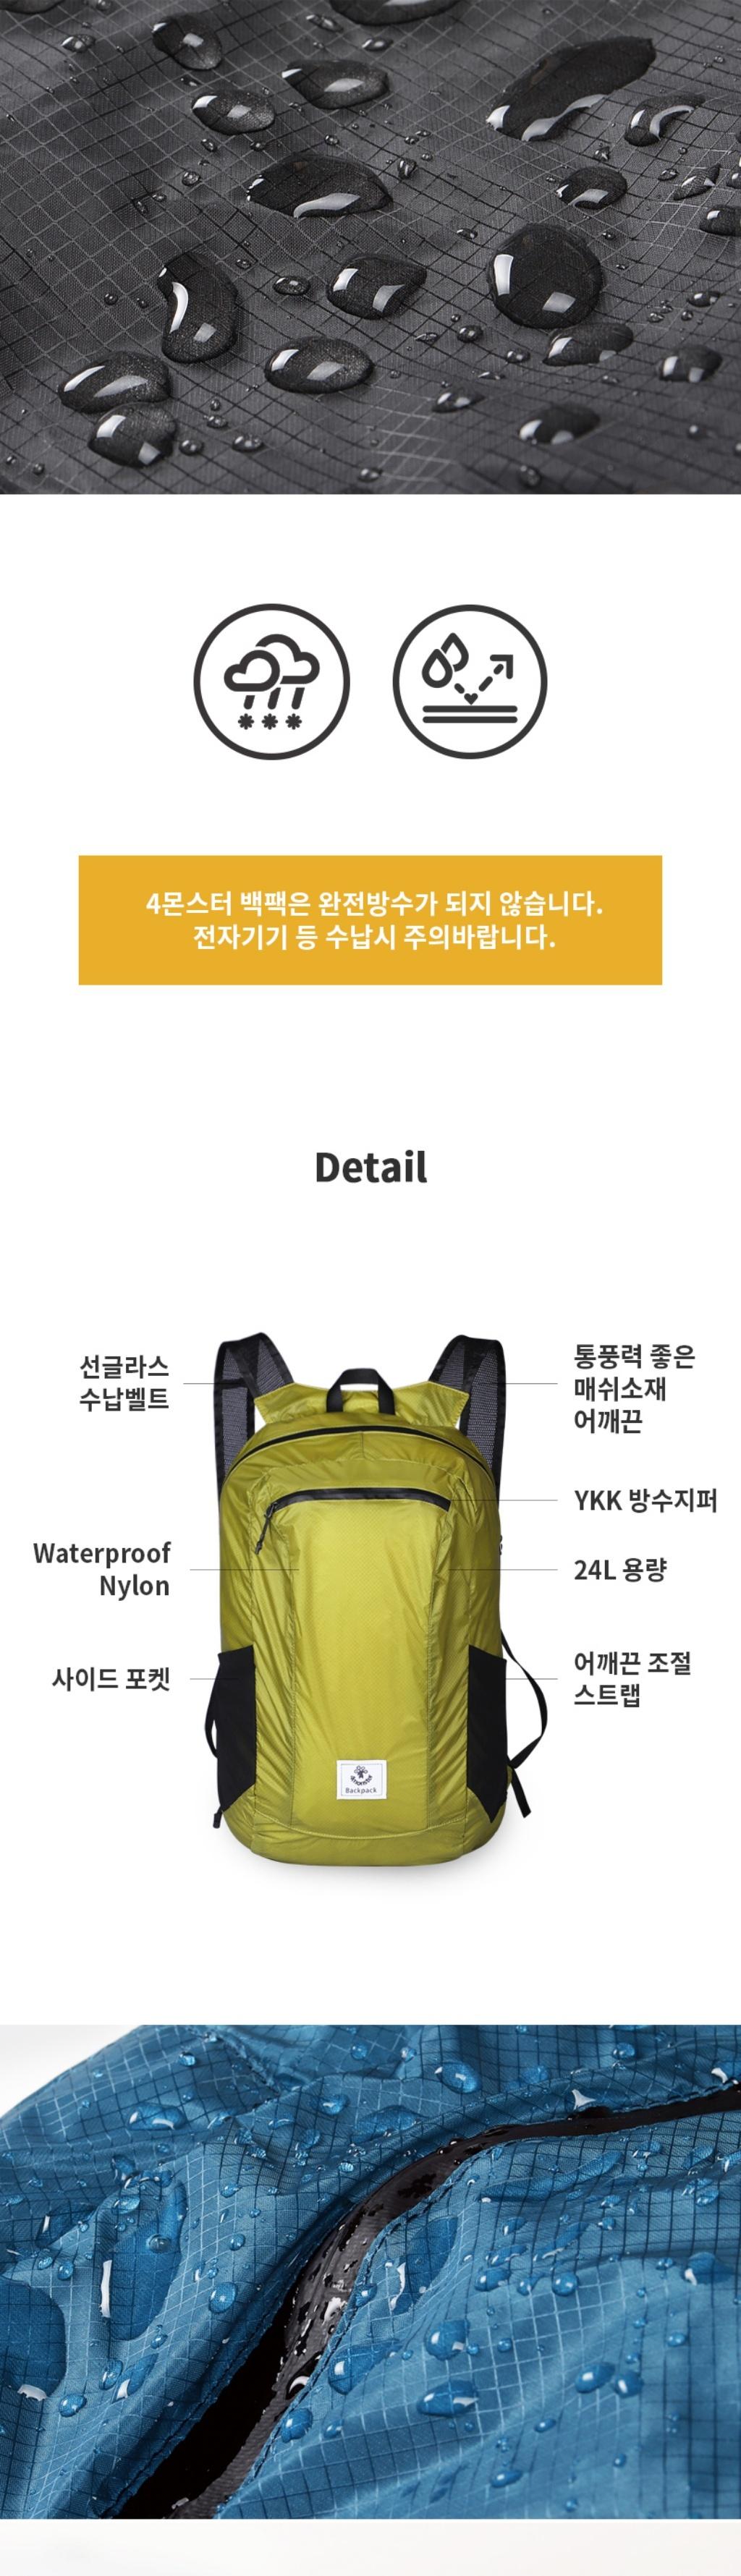 가방 등산가방 폴딩백팩 백팩